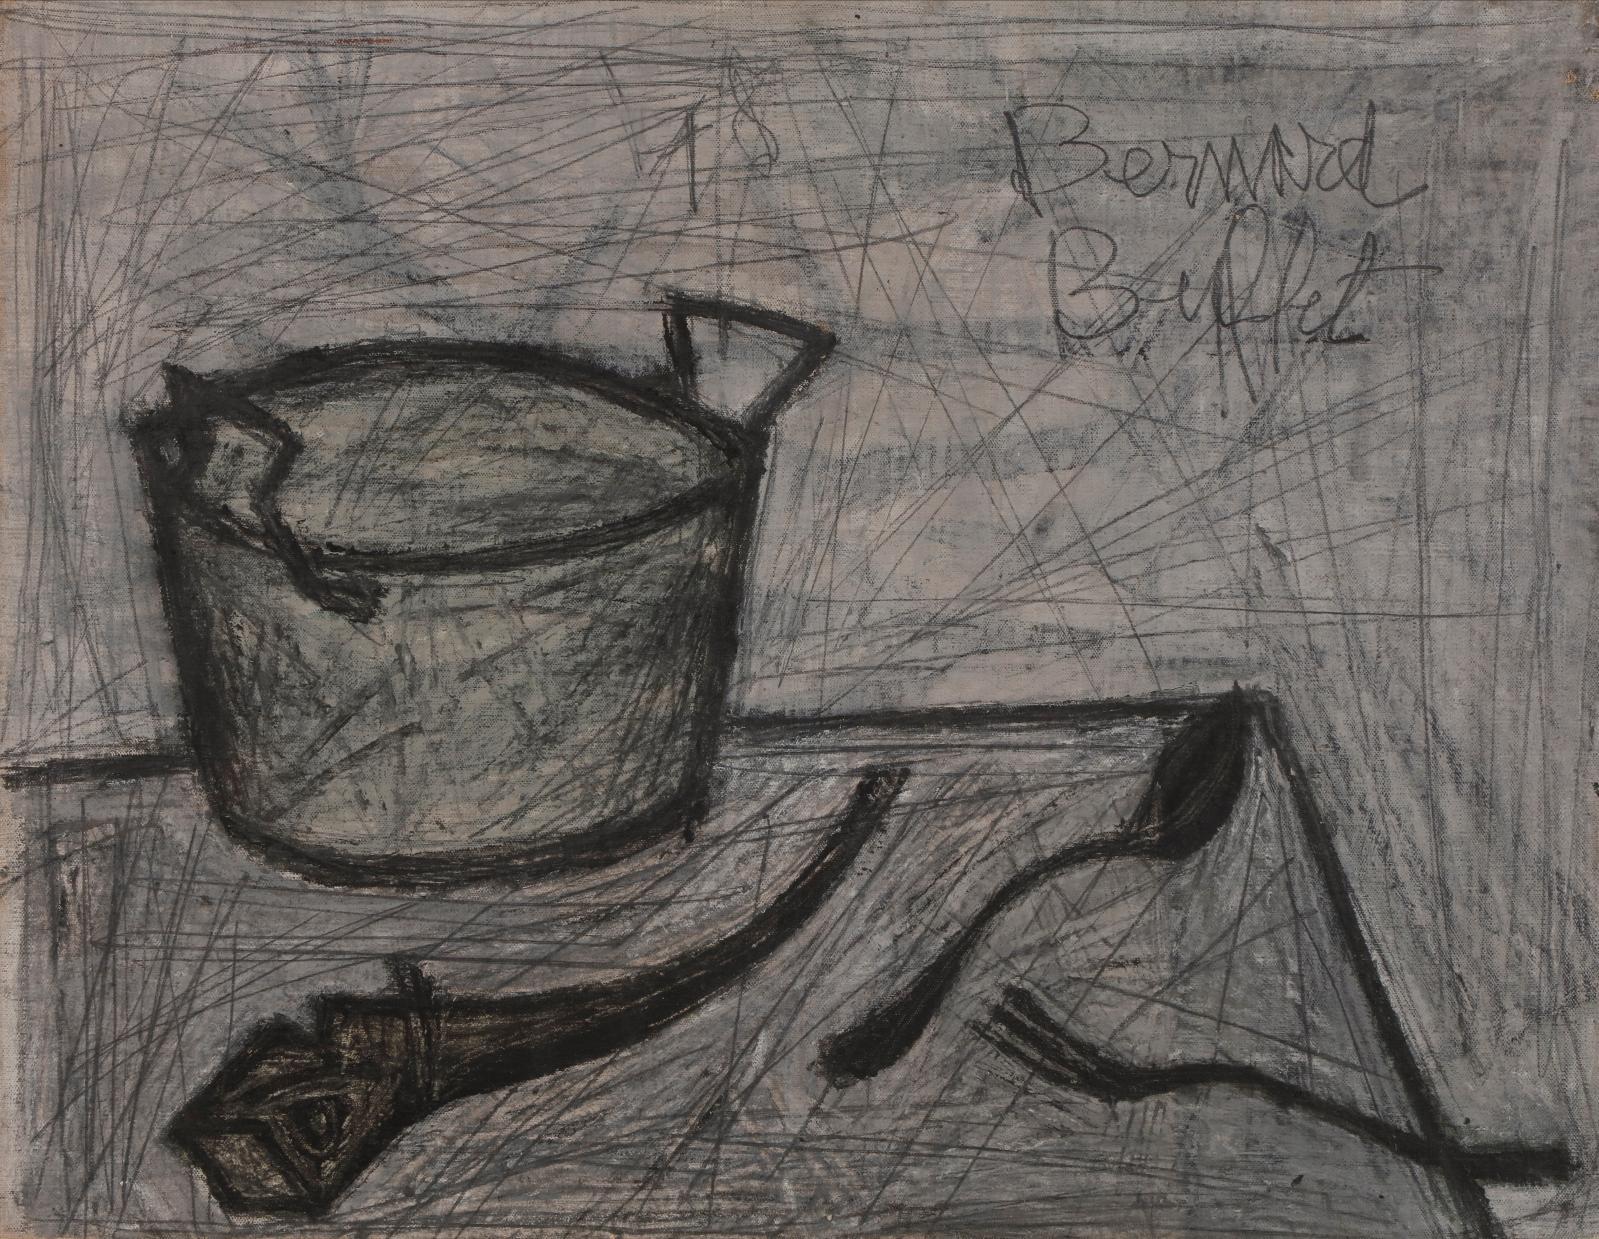 Bernard Buffet (1928-1999), Fait-tout, hareng saur et couverts, 1948, huile sur toile, 50x65cm. Estimation: 20000/30000€